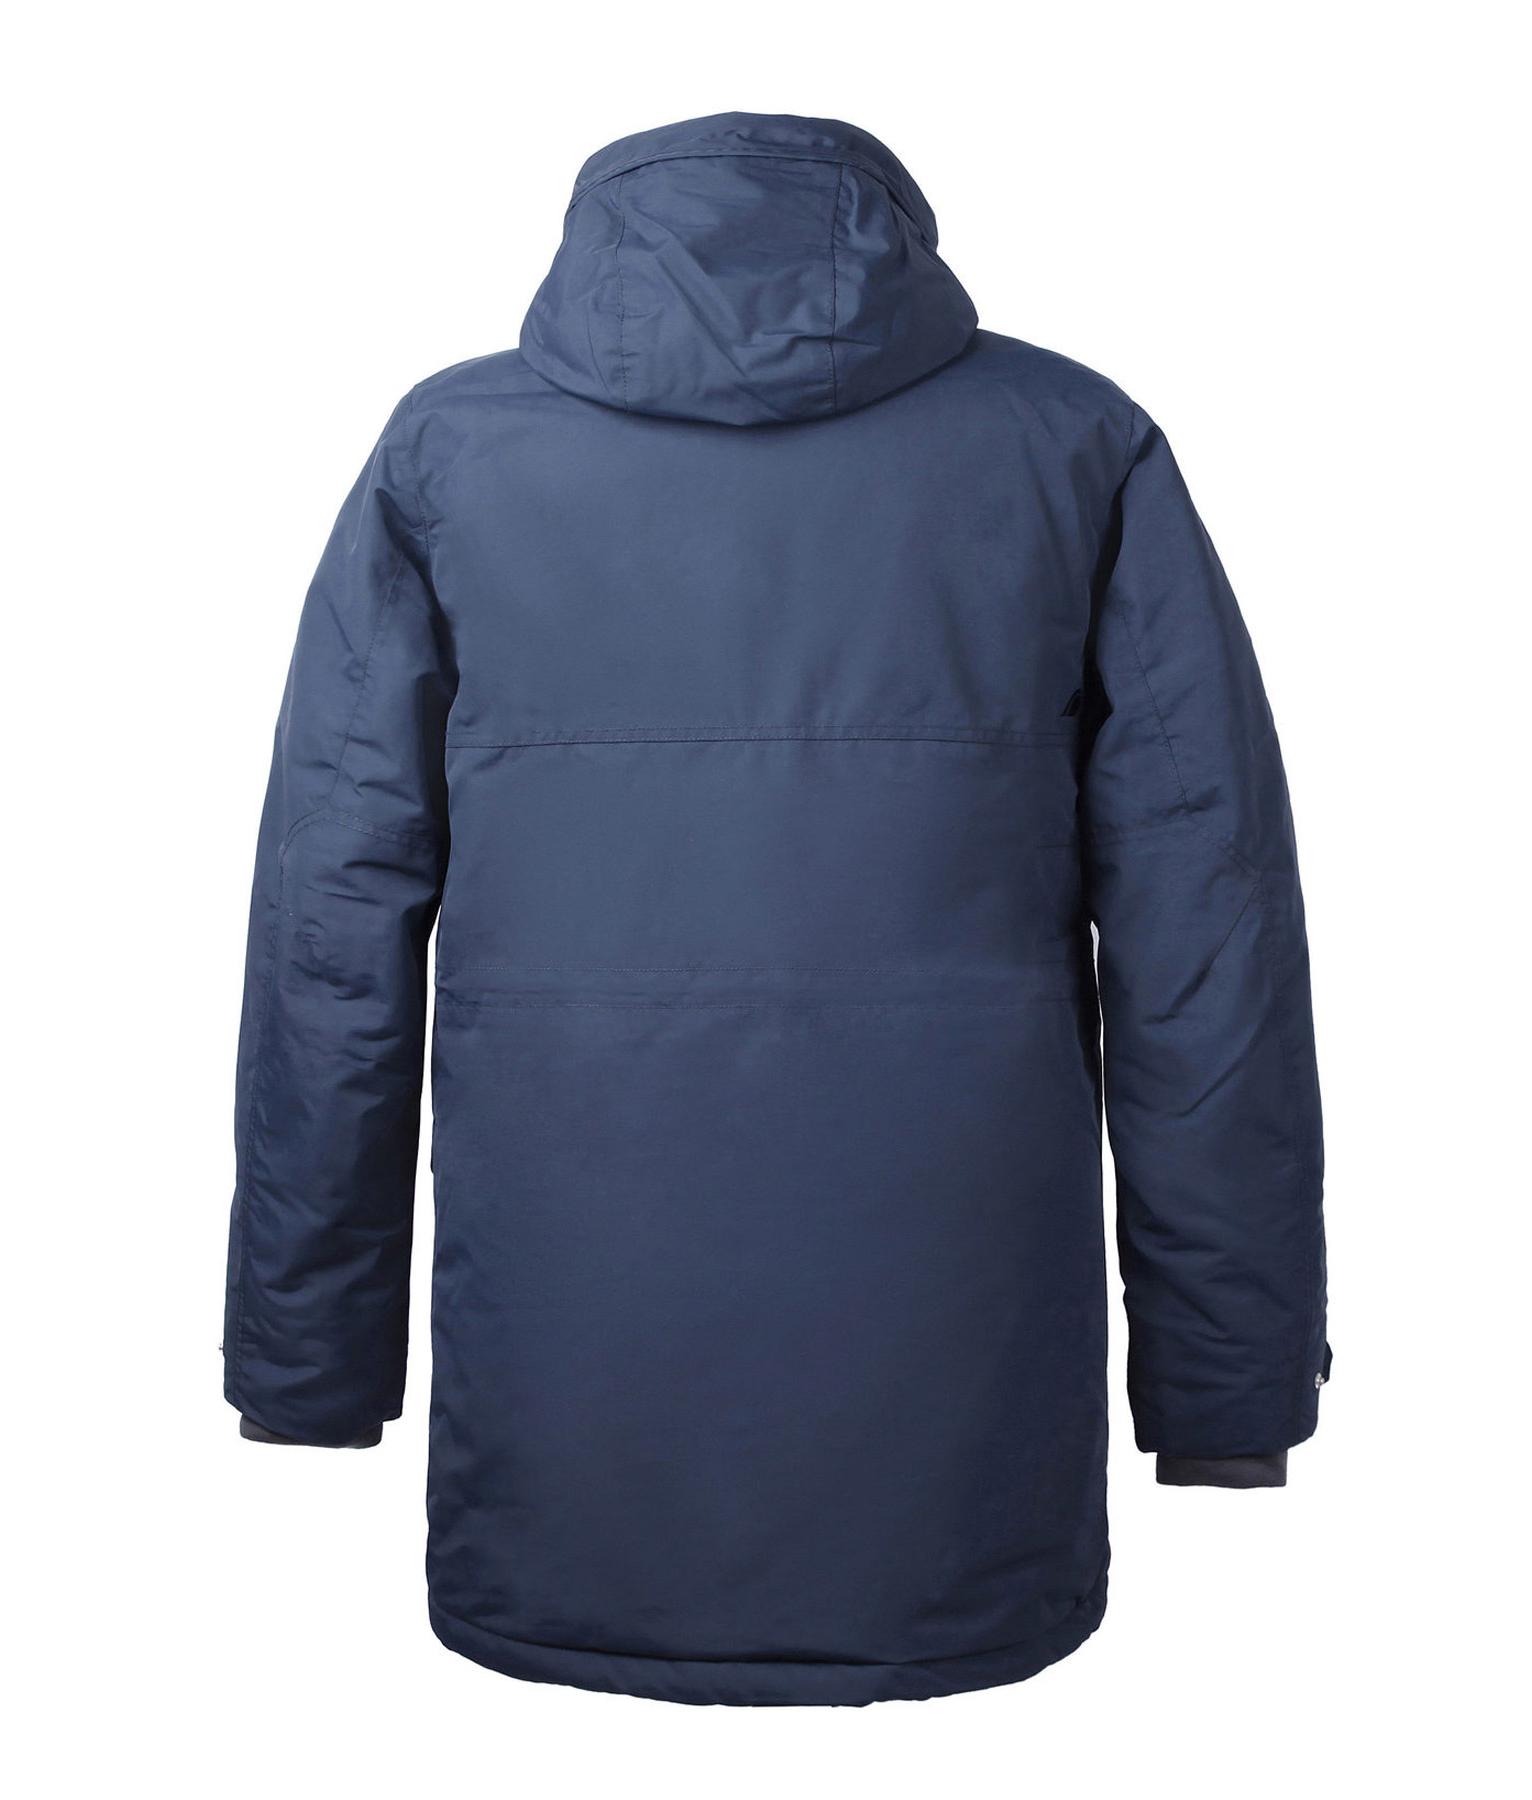 Куртка мужская DREW Didriksons — фото 12